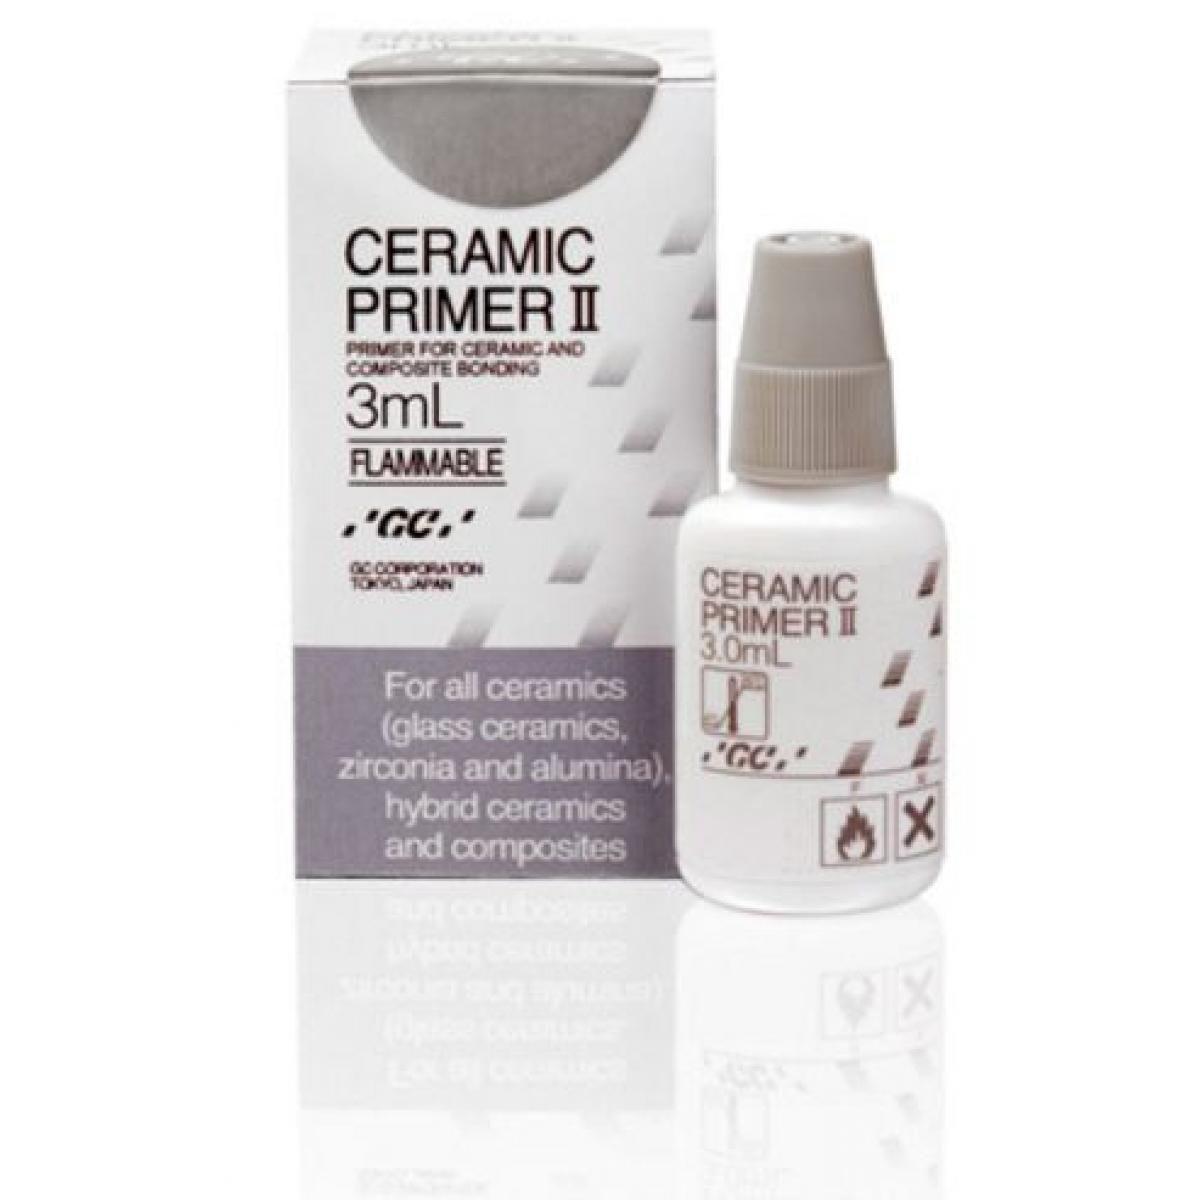 CERAMIC PRIMER II 3ML GC -